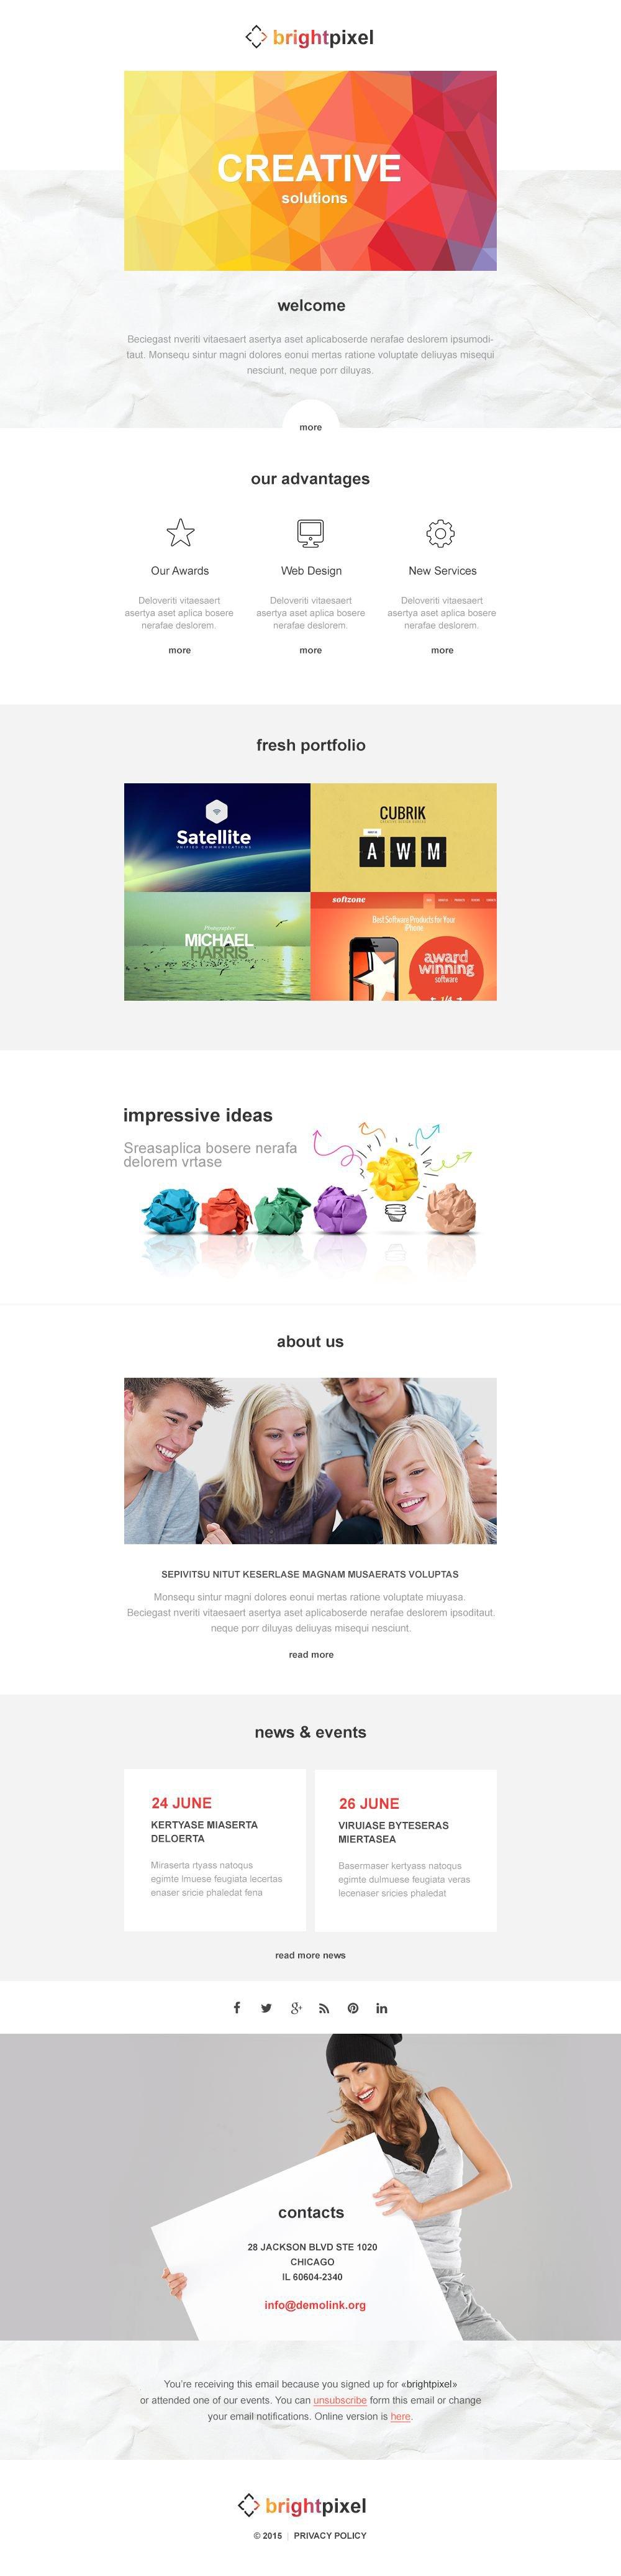 Responzivní Newsletter šablona na téma Designové studio #54862 - screenshot